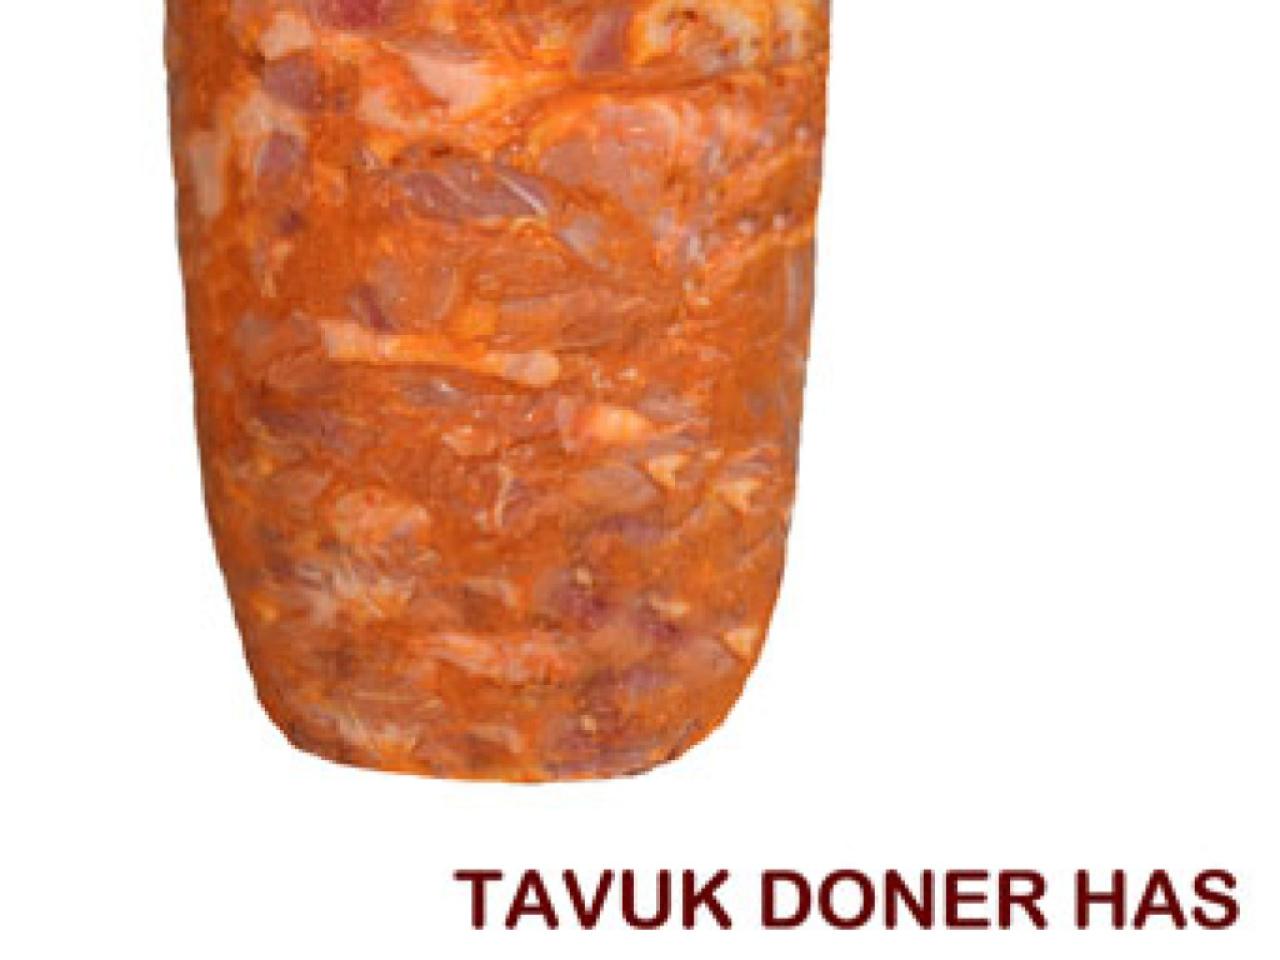 Tavuk Doner Has